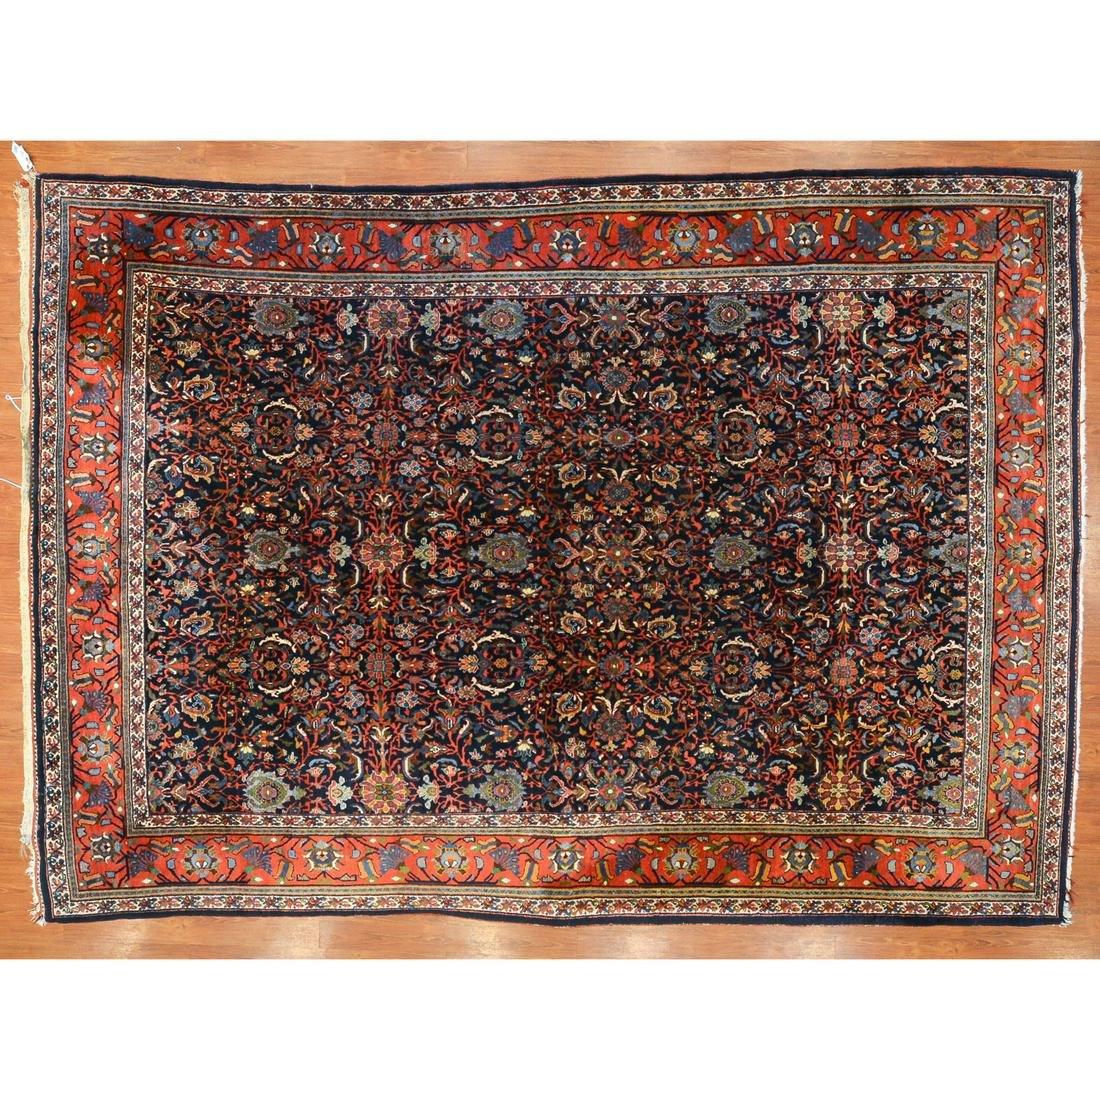 Semi-Antique Bijar Rug, 8.7 x 12.2